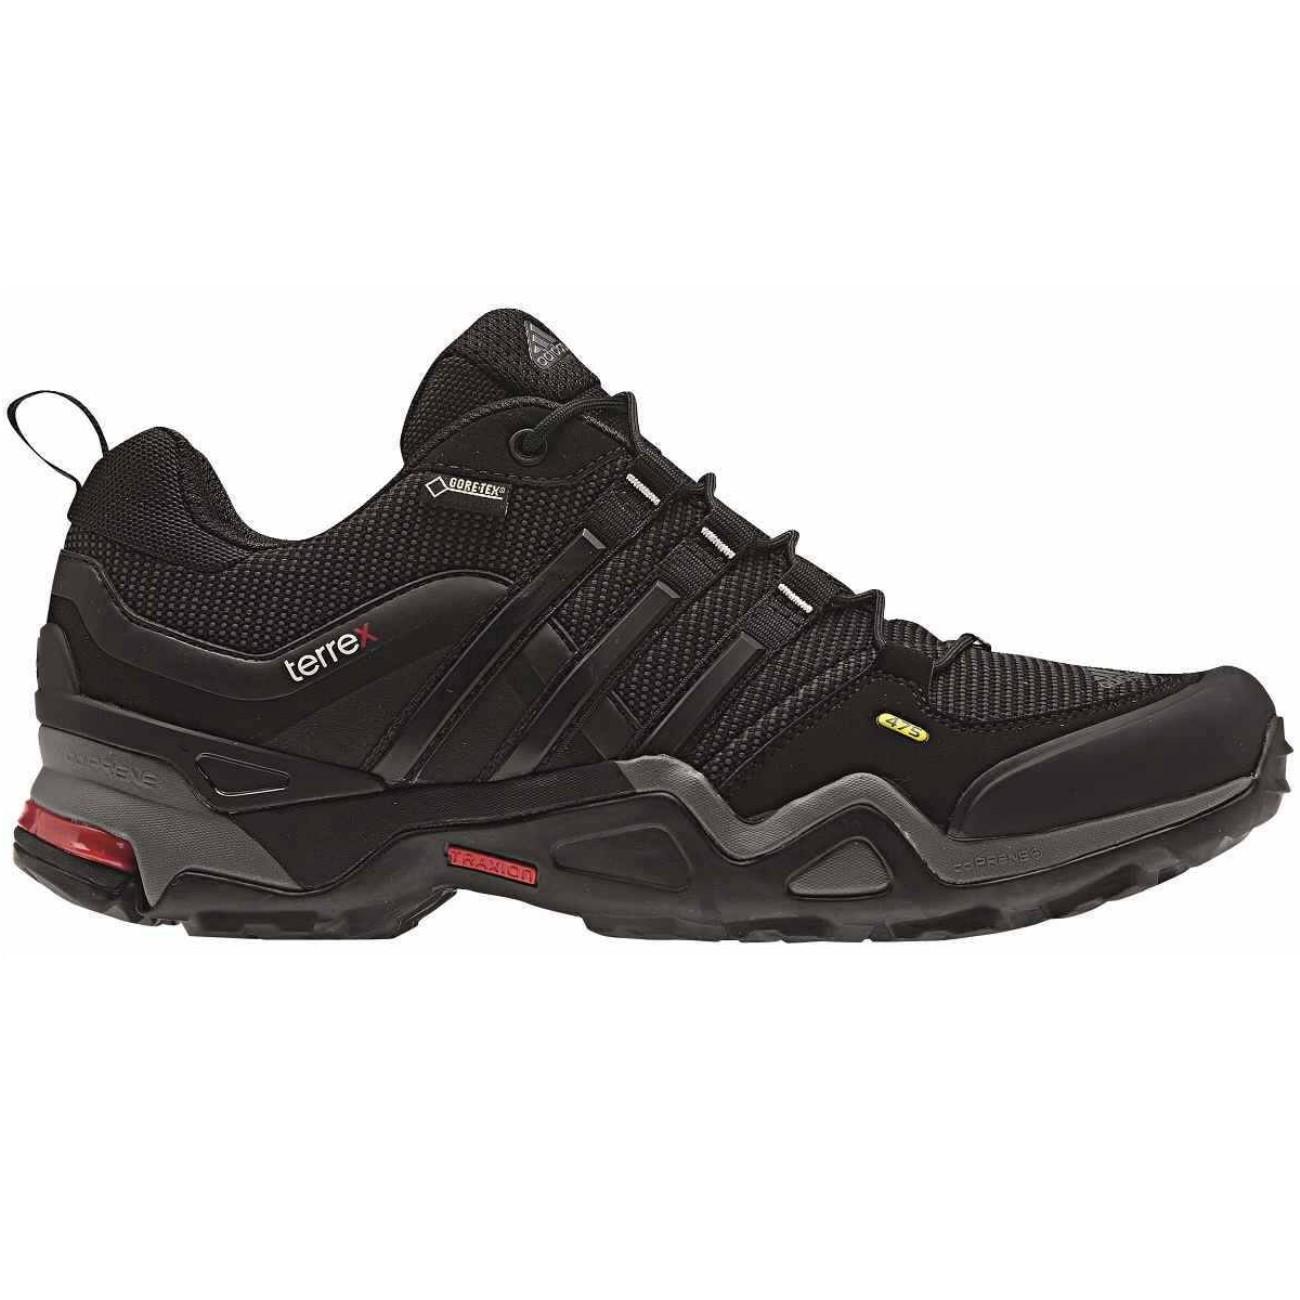 Adidas Terrex Trailmaker GTX Gore Tex Schuhe Wanderschuhe Outdoor Herren Grau